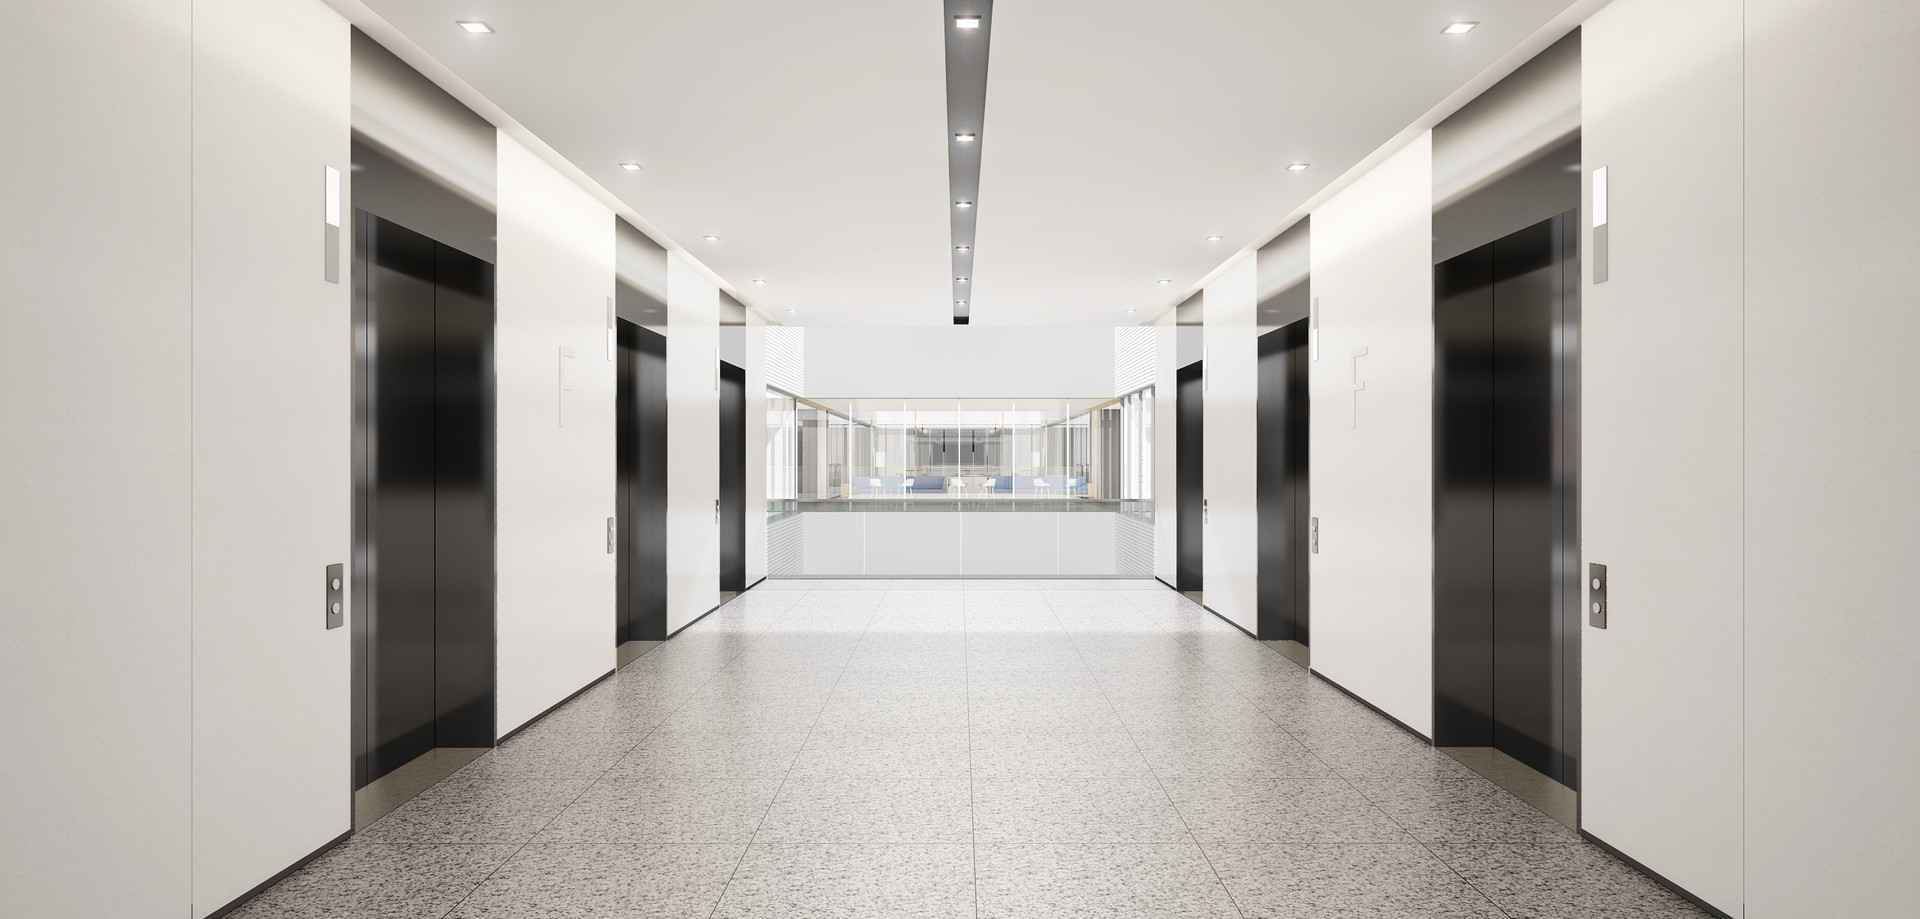 06_ 엘리베이터 홀.jpg